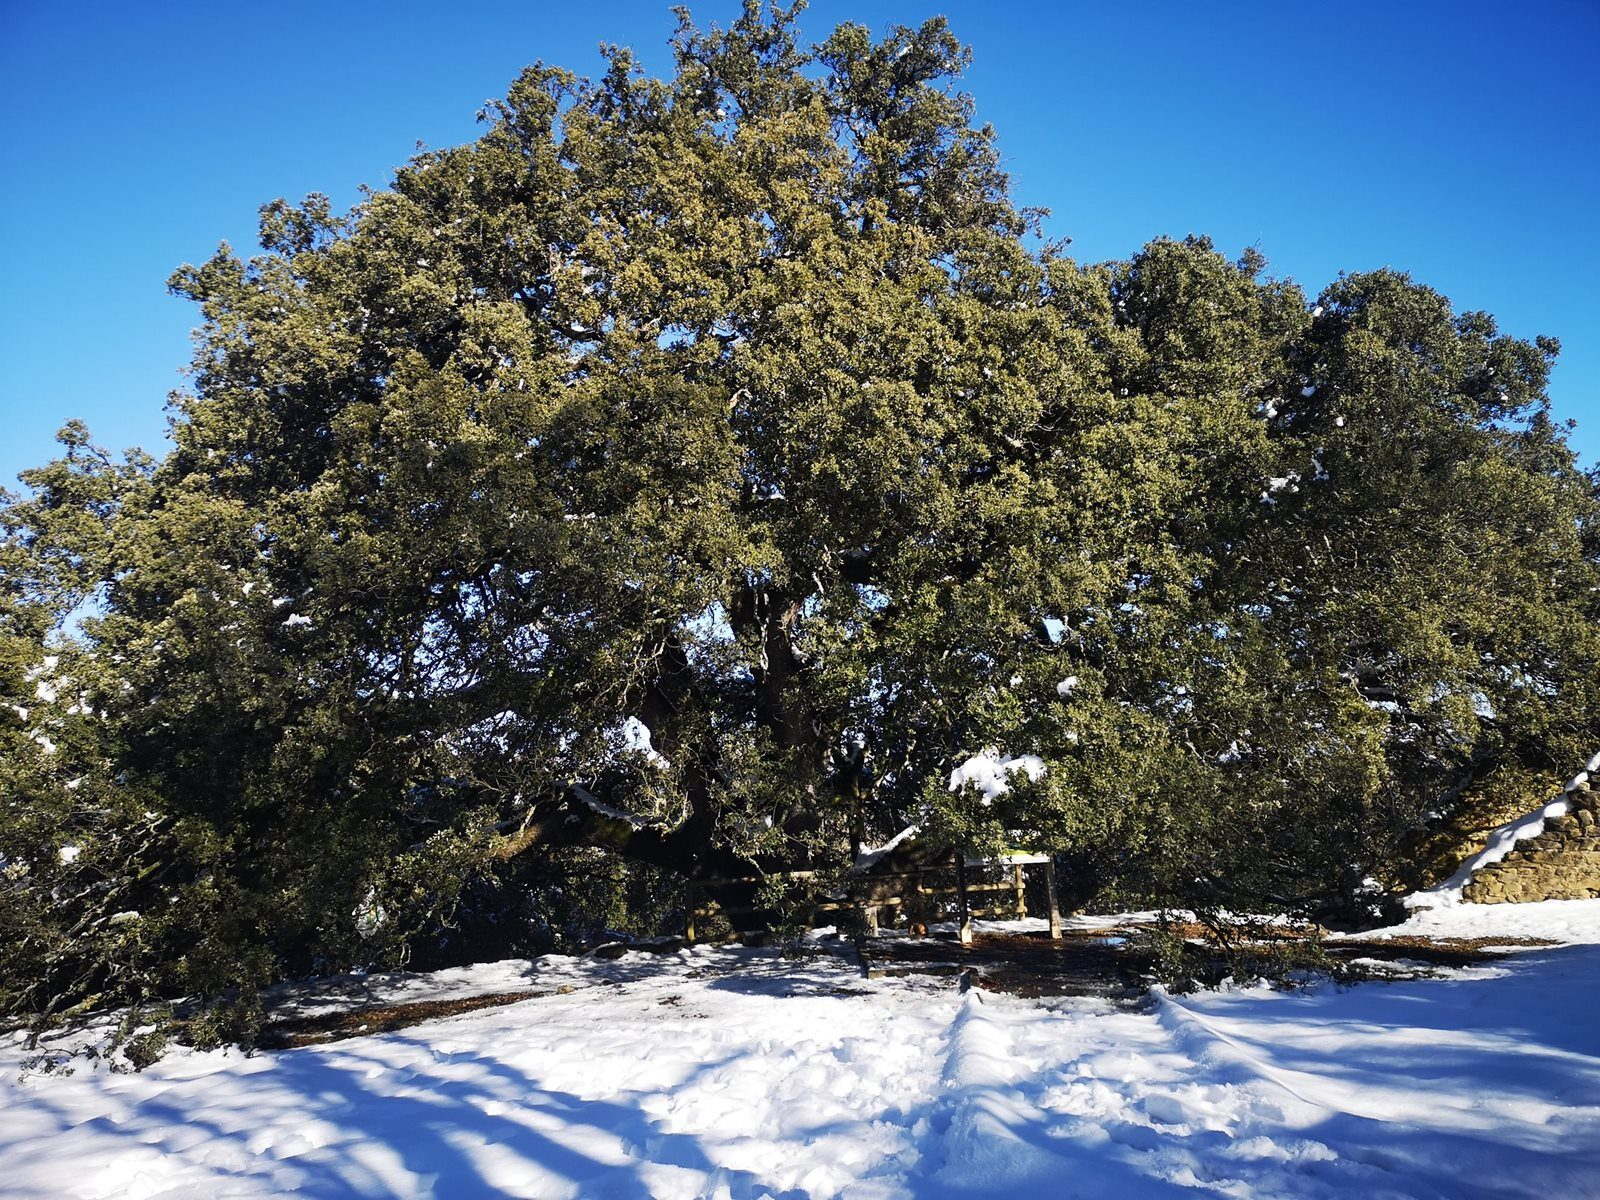 Tysiącletni dąb z Hiszpanii zdobył tytuł Europejskiego Drzewa Roku 2021!